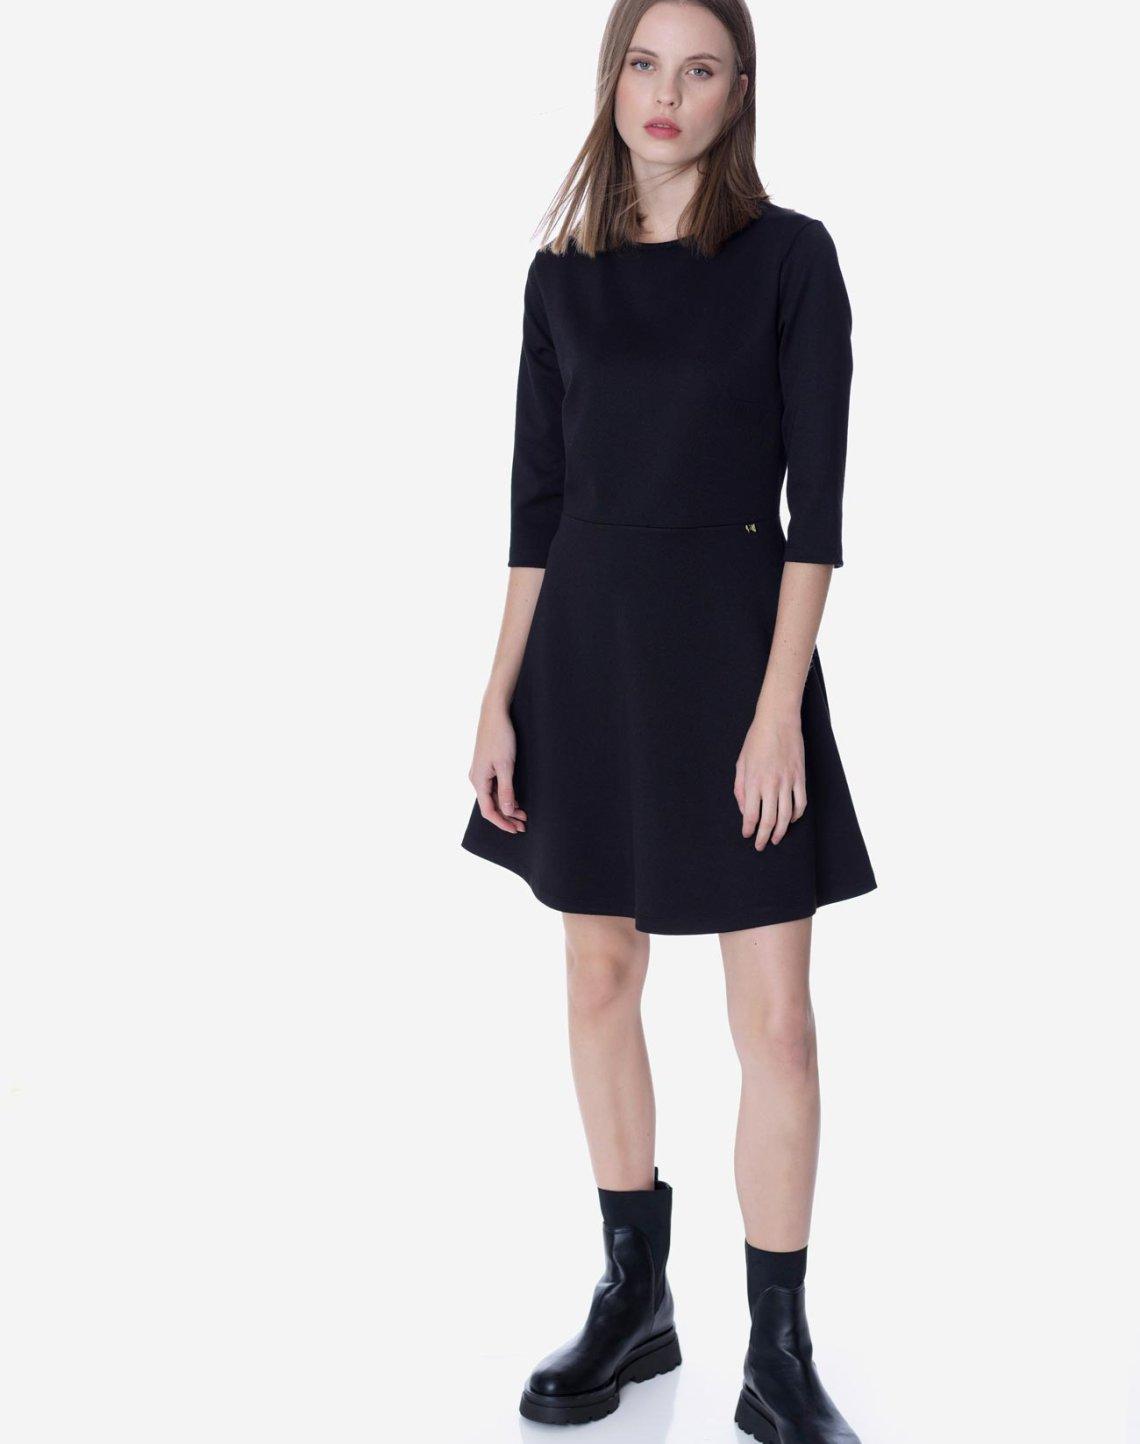 Μίνι φόρεμα